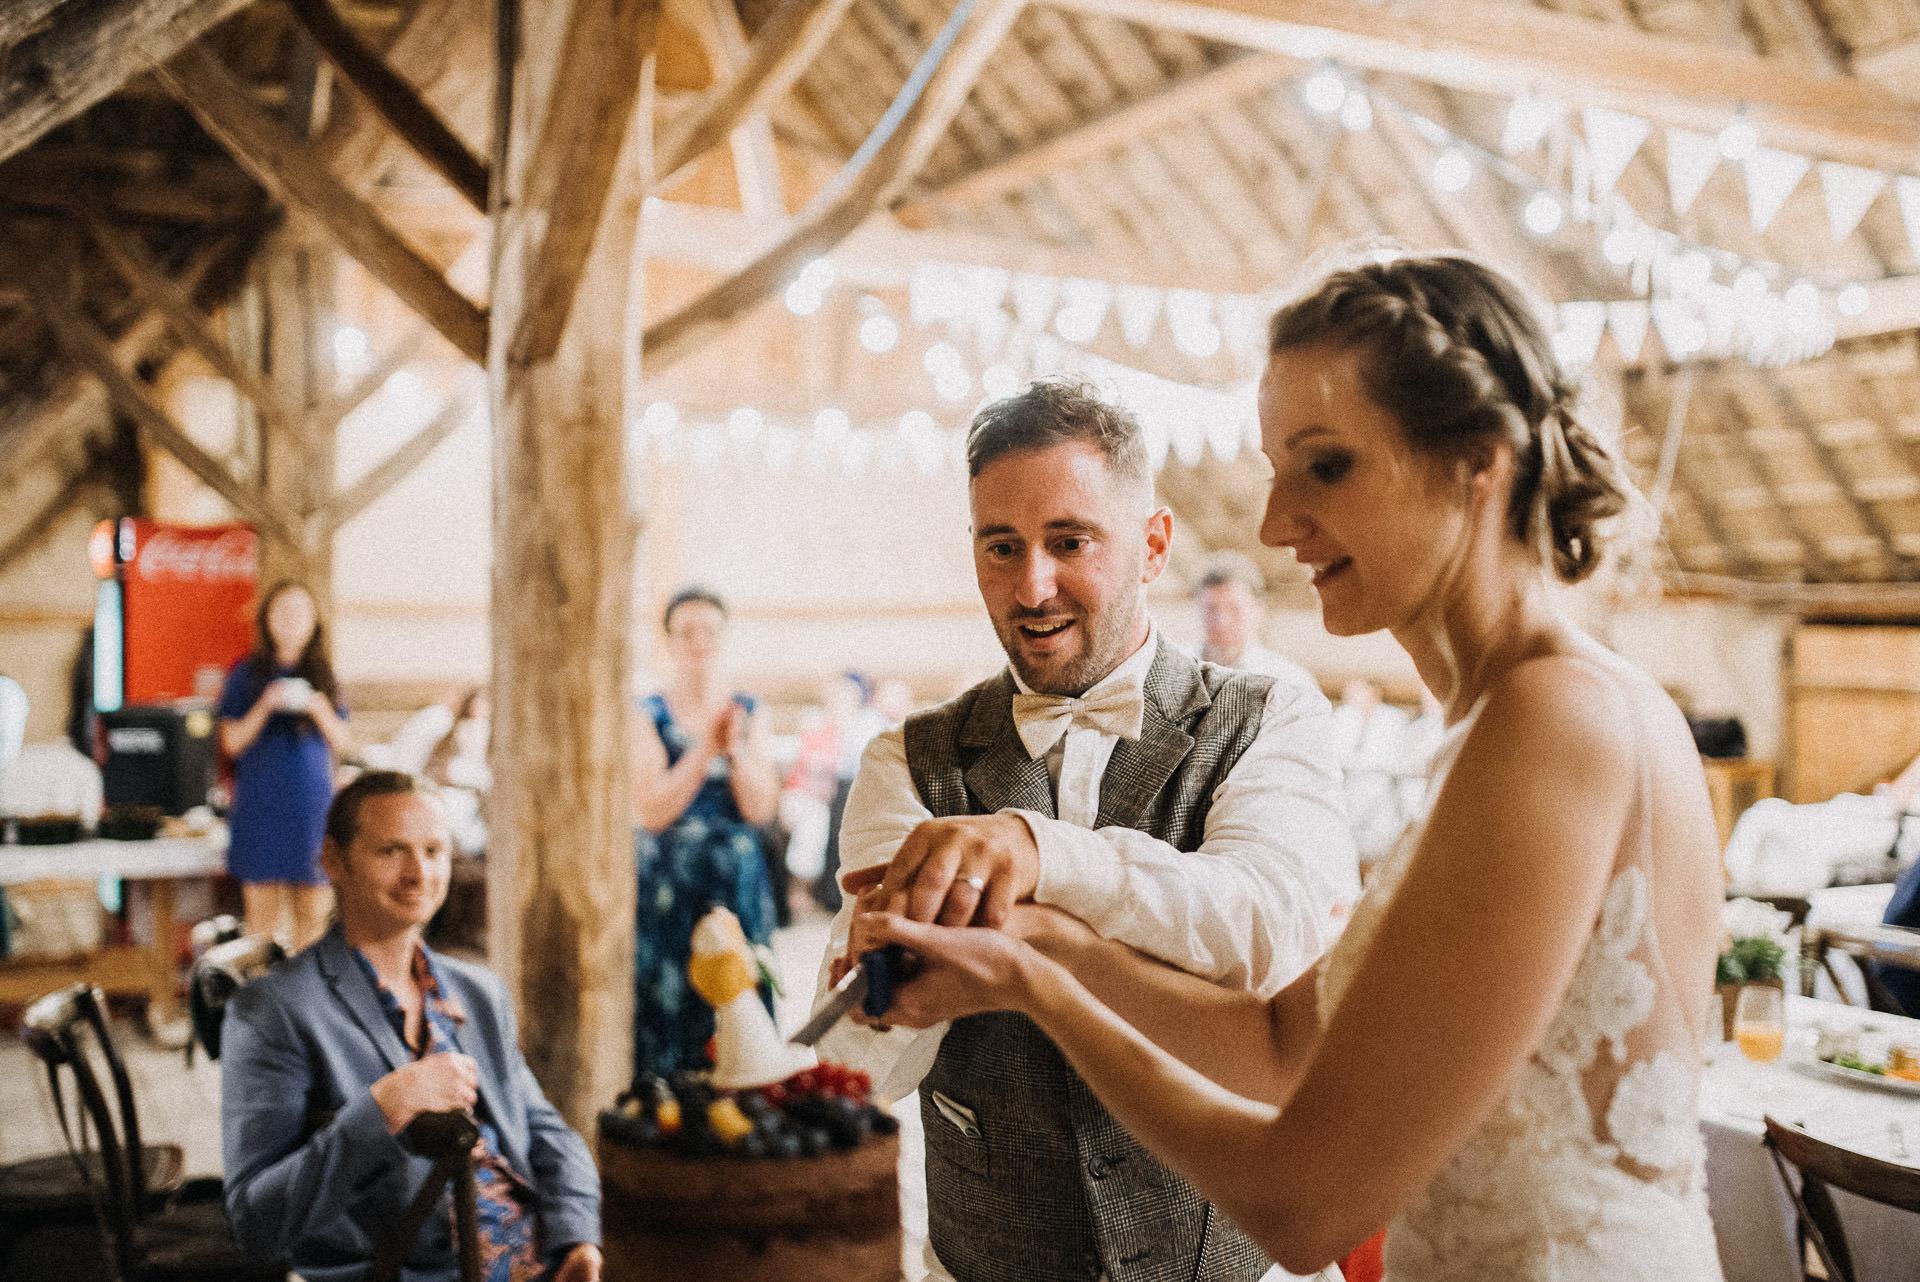 eskuvo torta wedding cake gyumolcs fruit vagas volegeny menyasszony